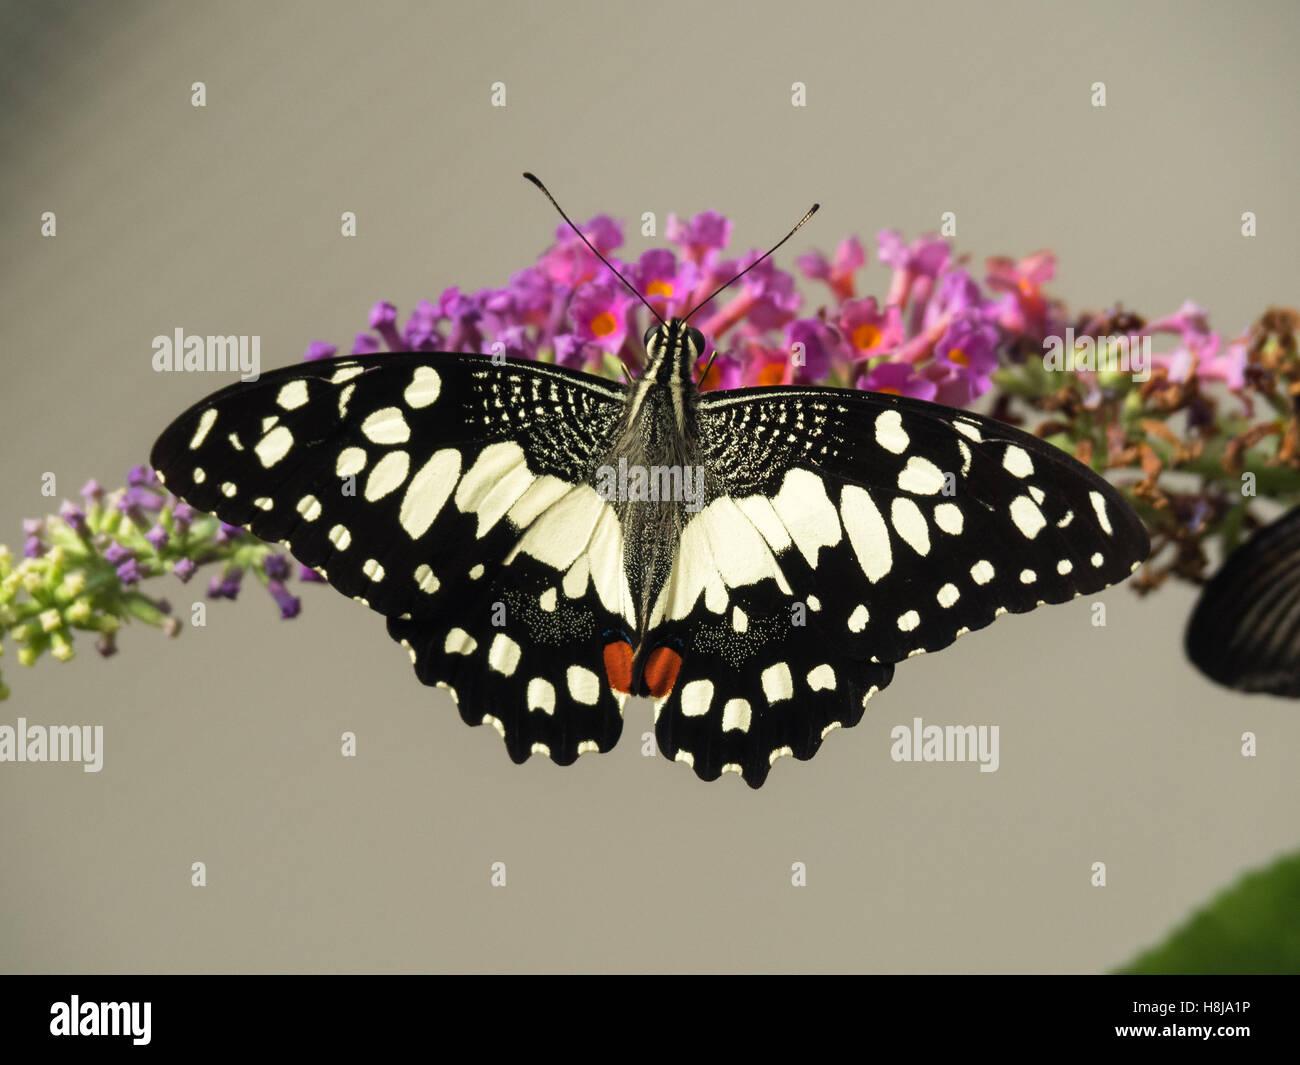 Papilio demoleus - farfalla a coda di rondine Immagini Stock